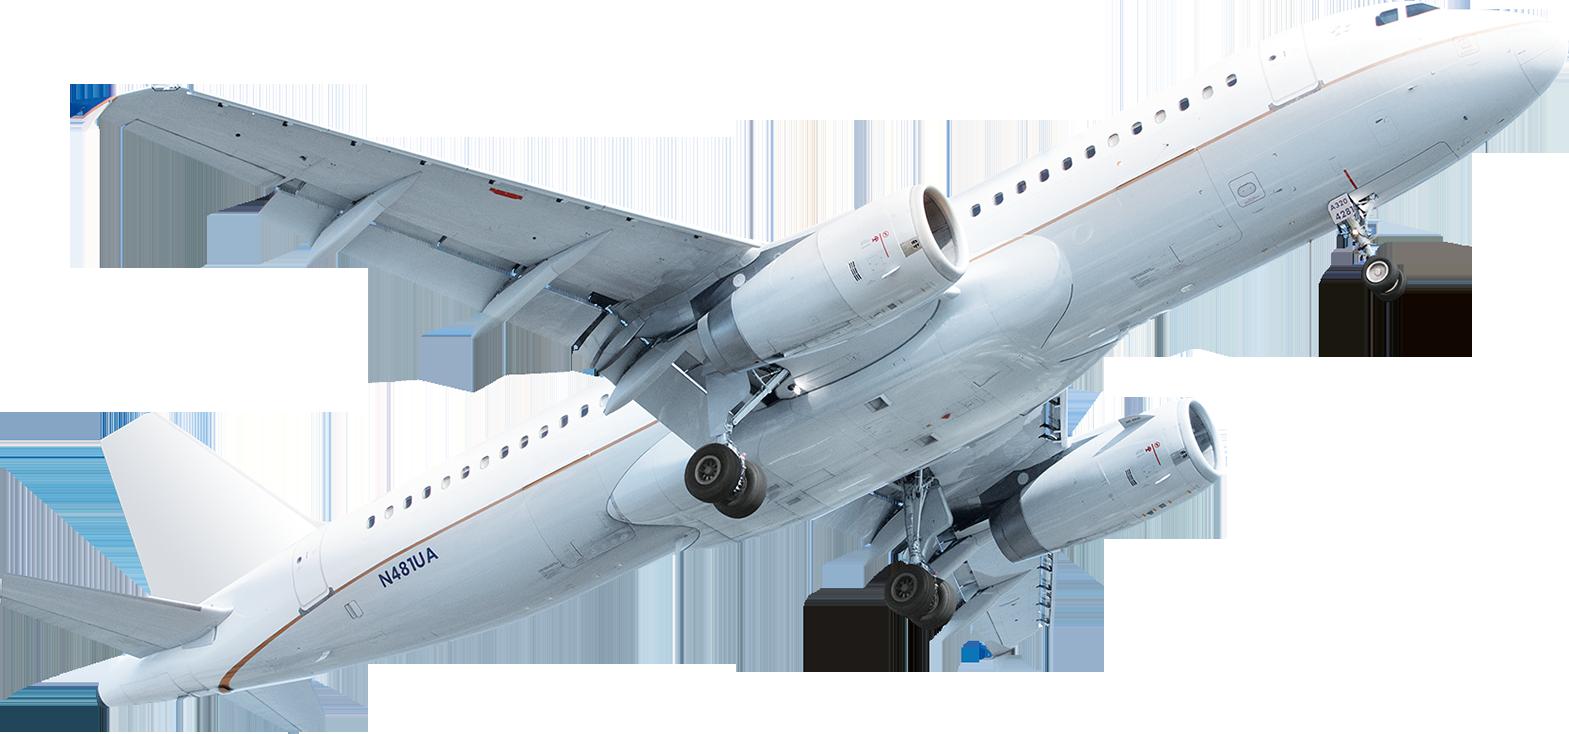 Plane HD PNG - 117879